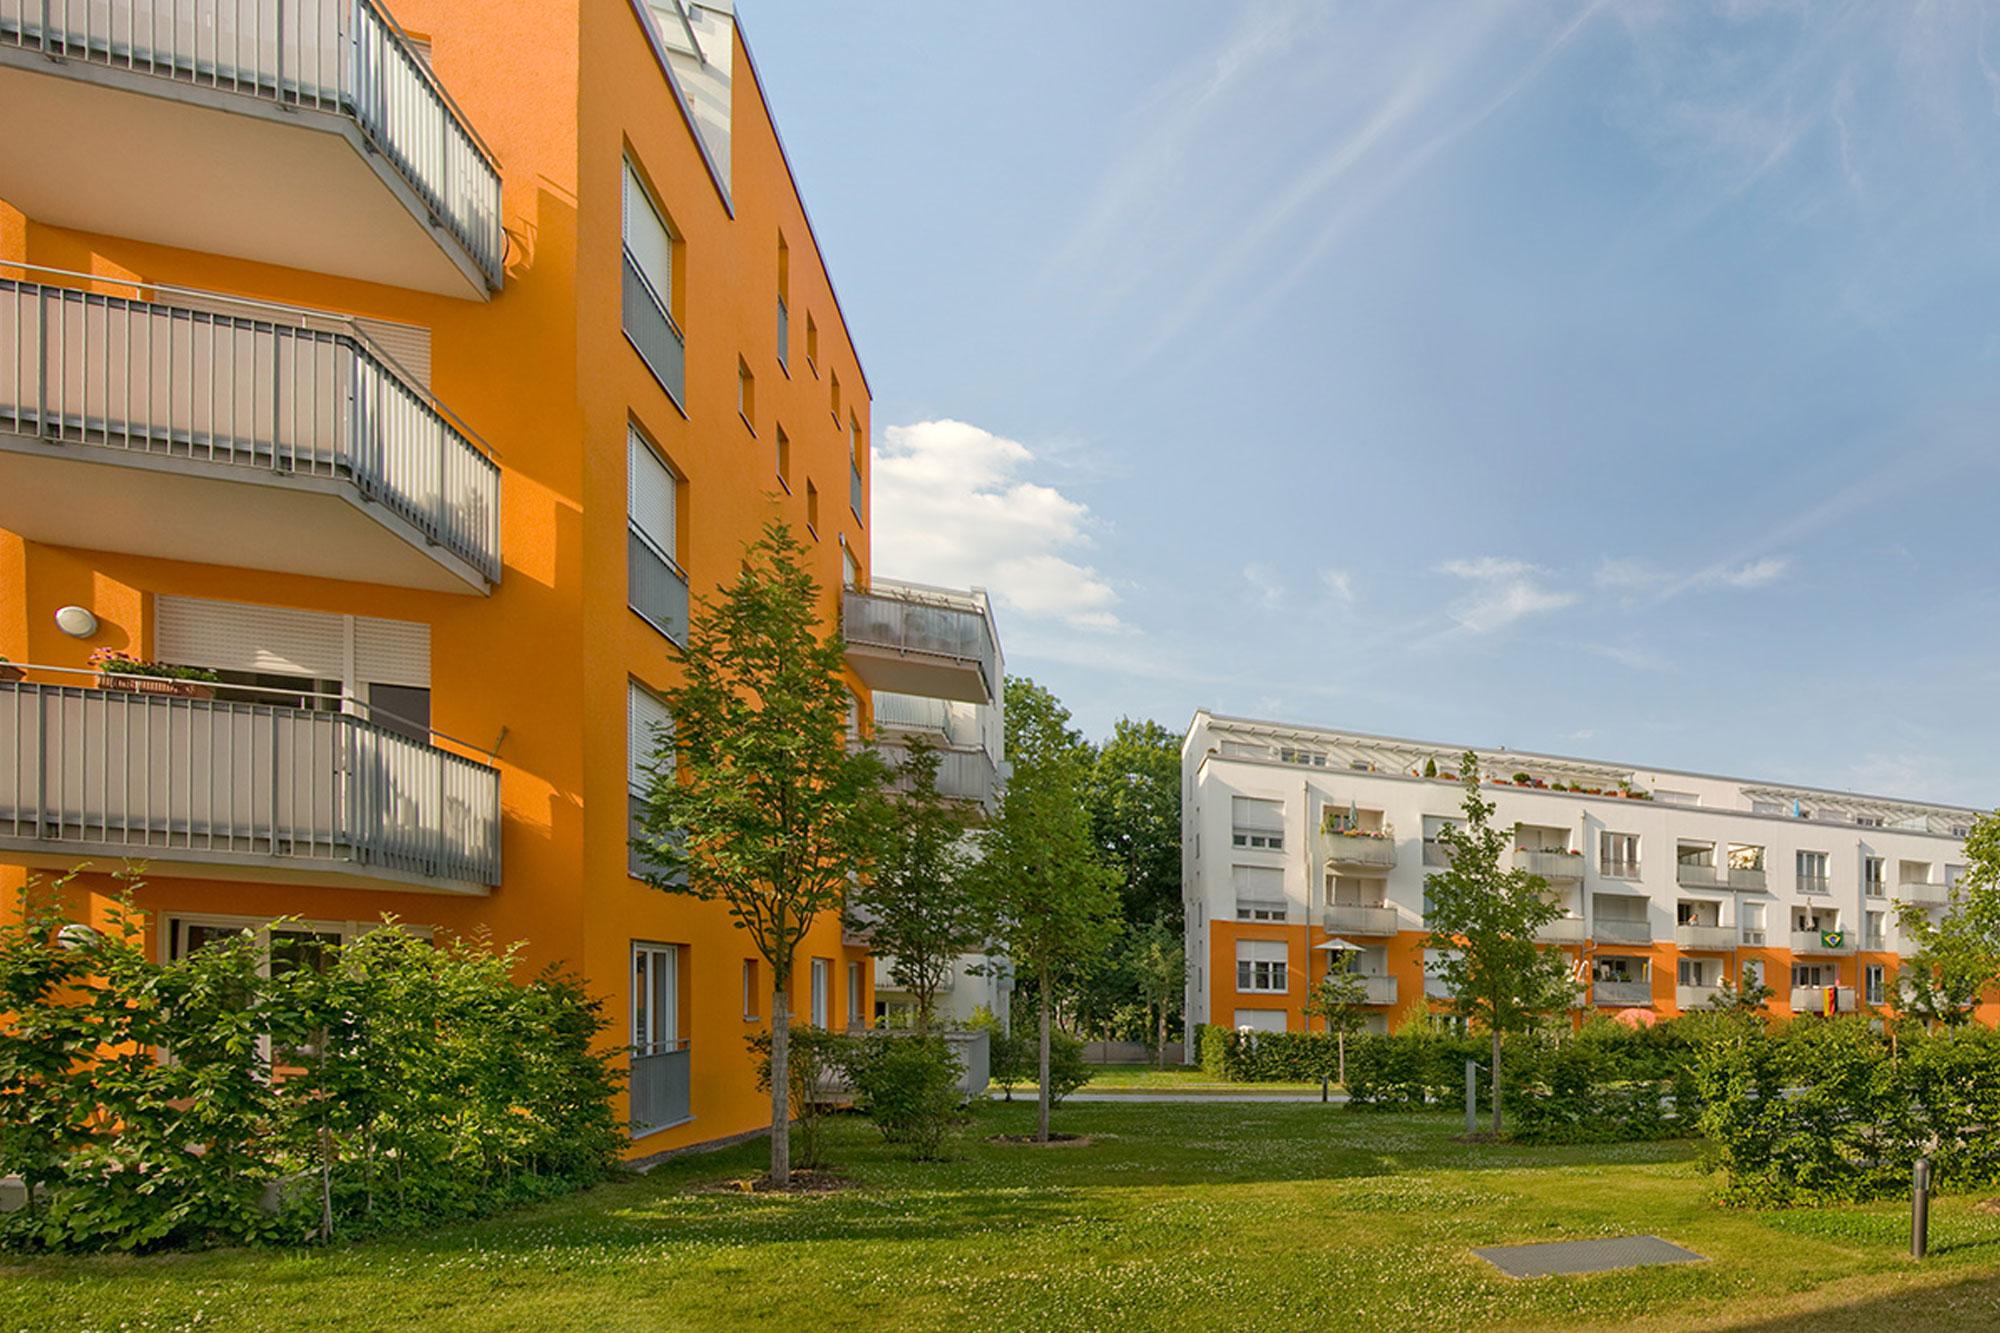 parco 1516 wohnen im f rstlichen brauhof regensburg schimpel winter immobilien gruppe. Black Bedroom Furniture Sets. Home Design Ideas